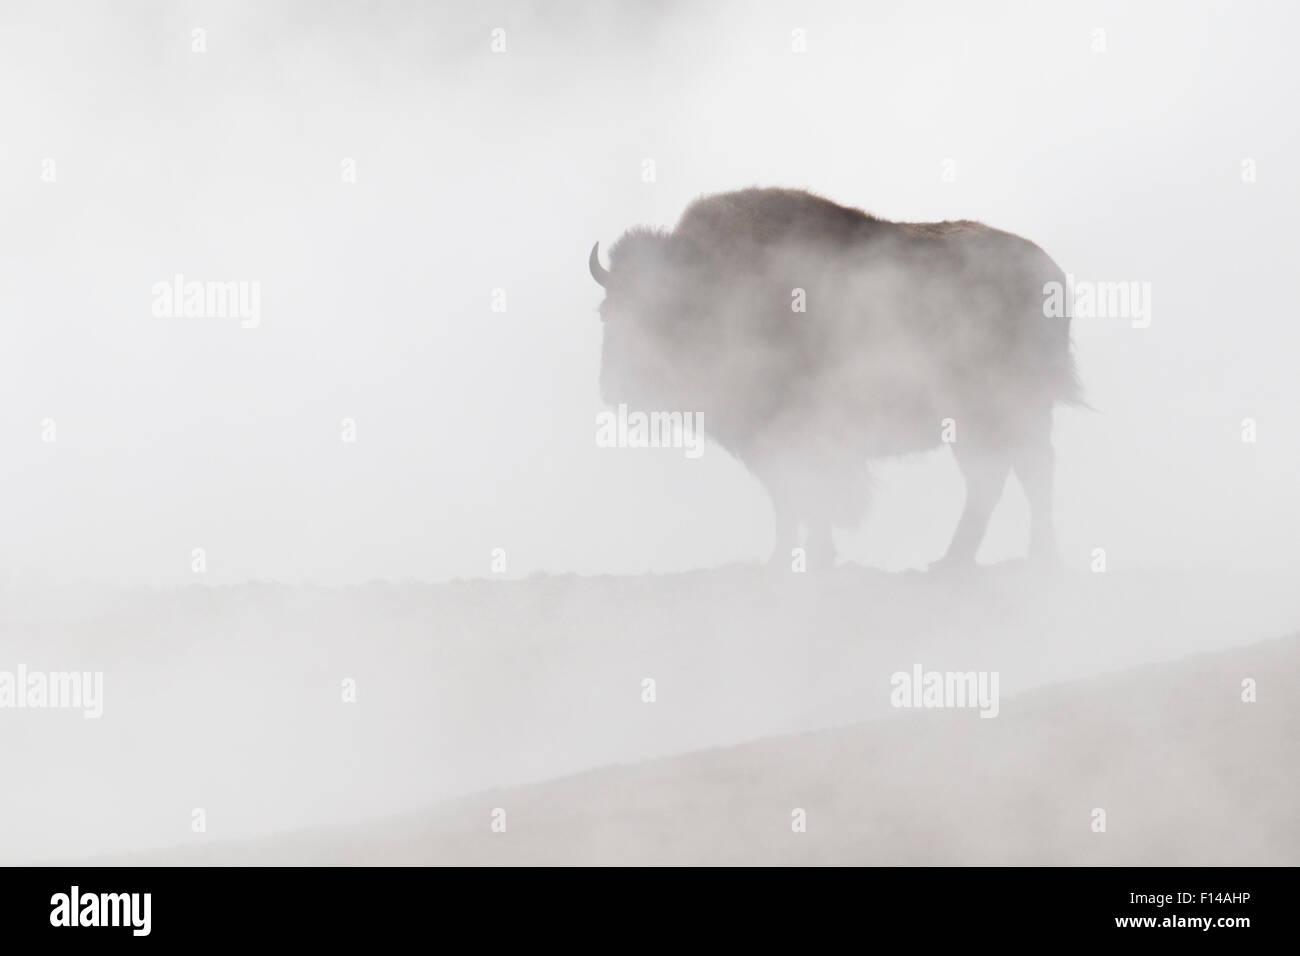 Bisons (Bison Bison) in Dampf aus heißen Quellen, Yellowstone-Nationalpark, Wyoming, USA. Stockbild